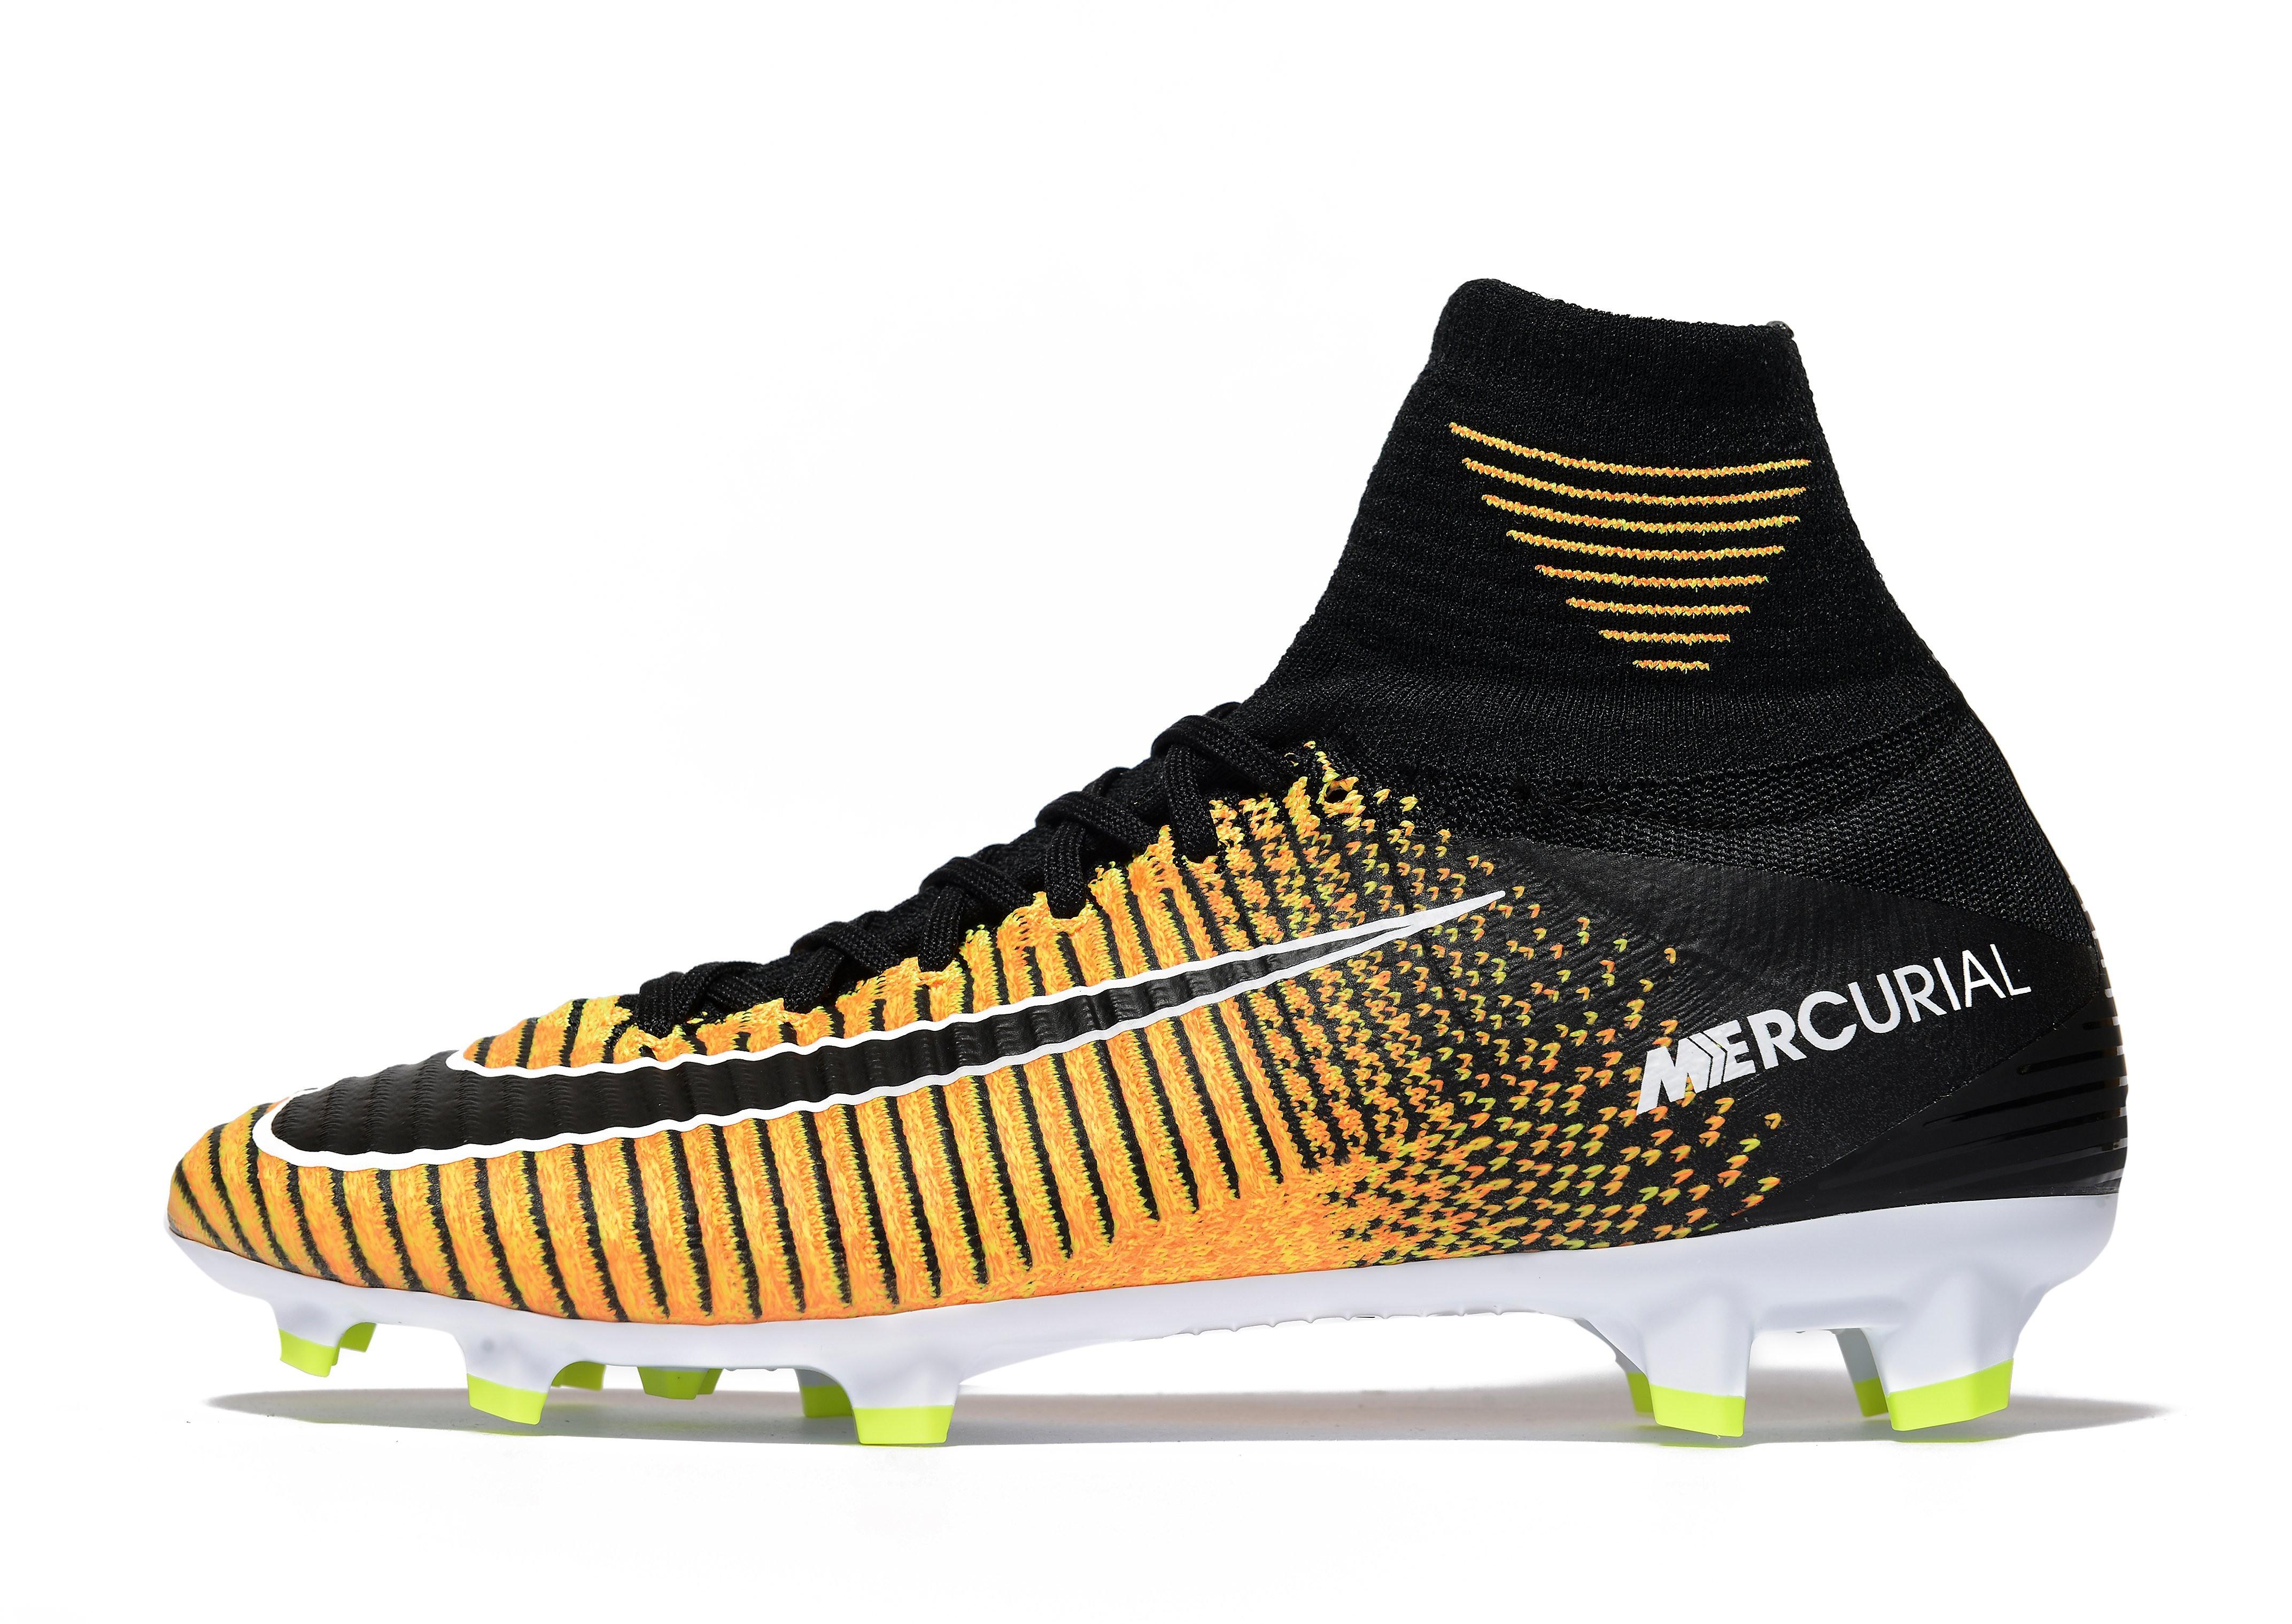 Nike Lock In Let Loose Mercurial Superfly FG Junior